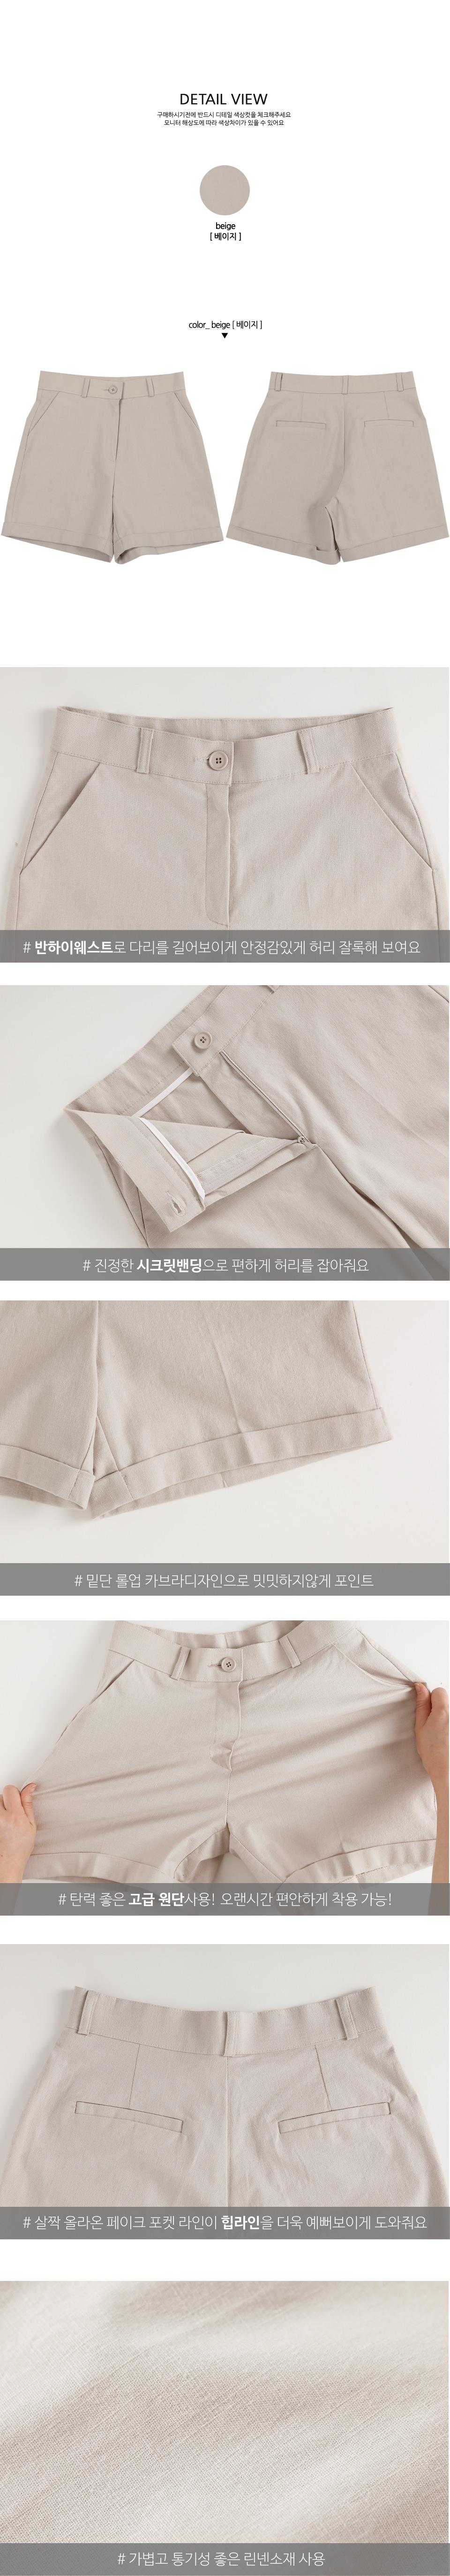 Linen Beige 3.5 pants